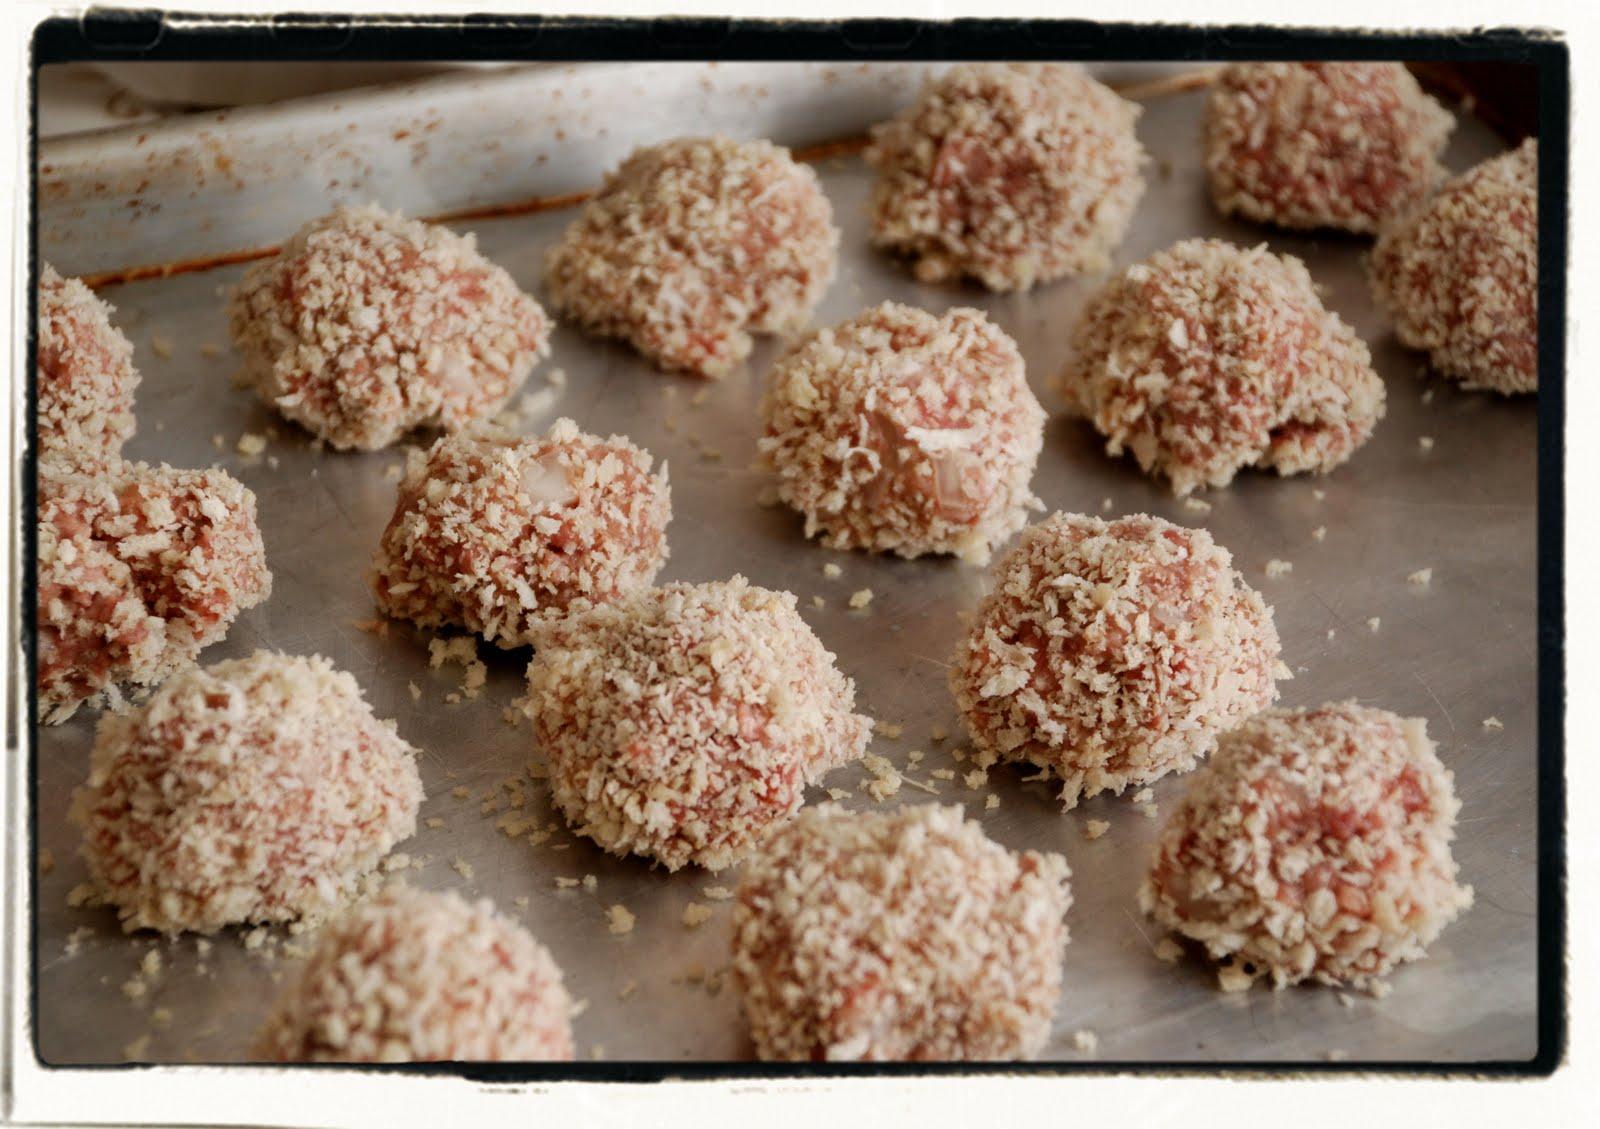 Lori Jean Cooks!: RECIPE: Swedish Meatballs with Dill Sauce